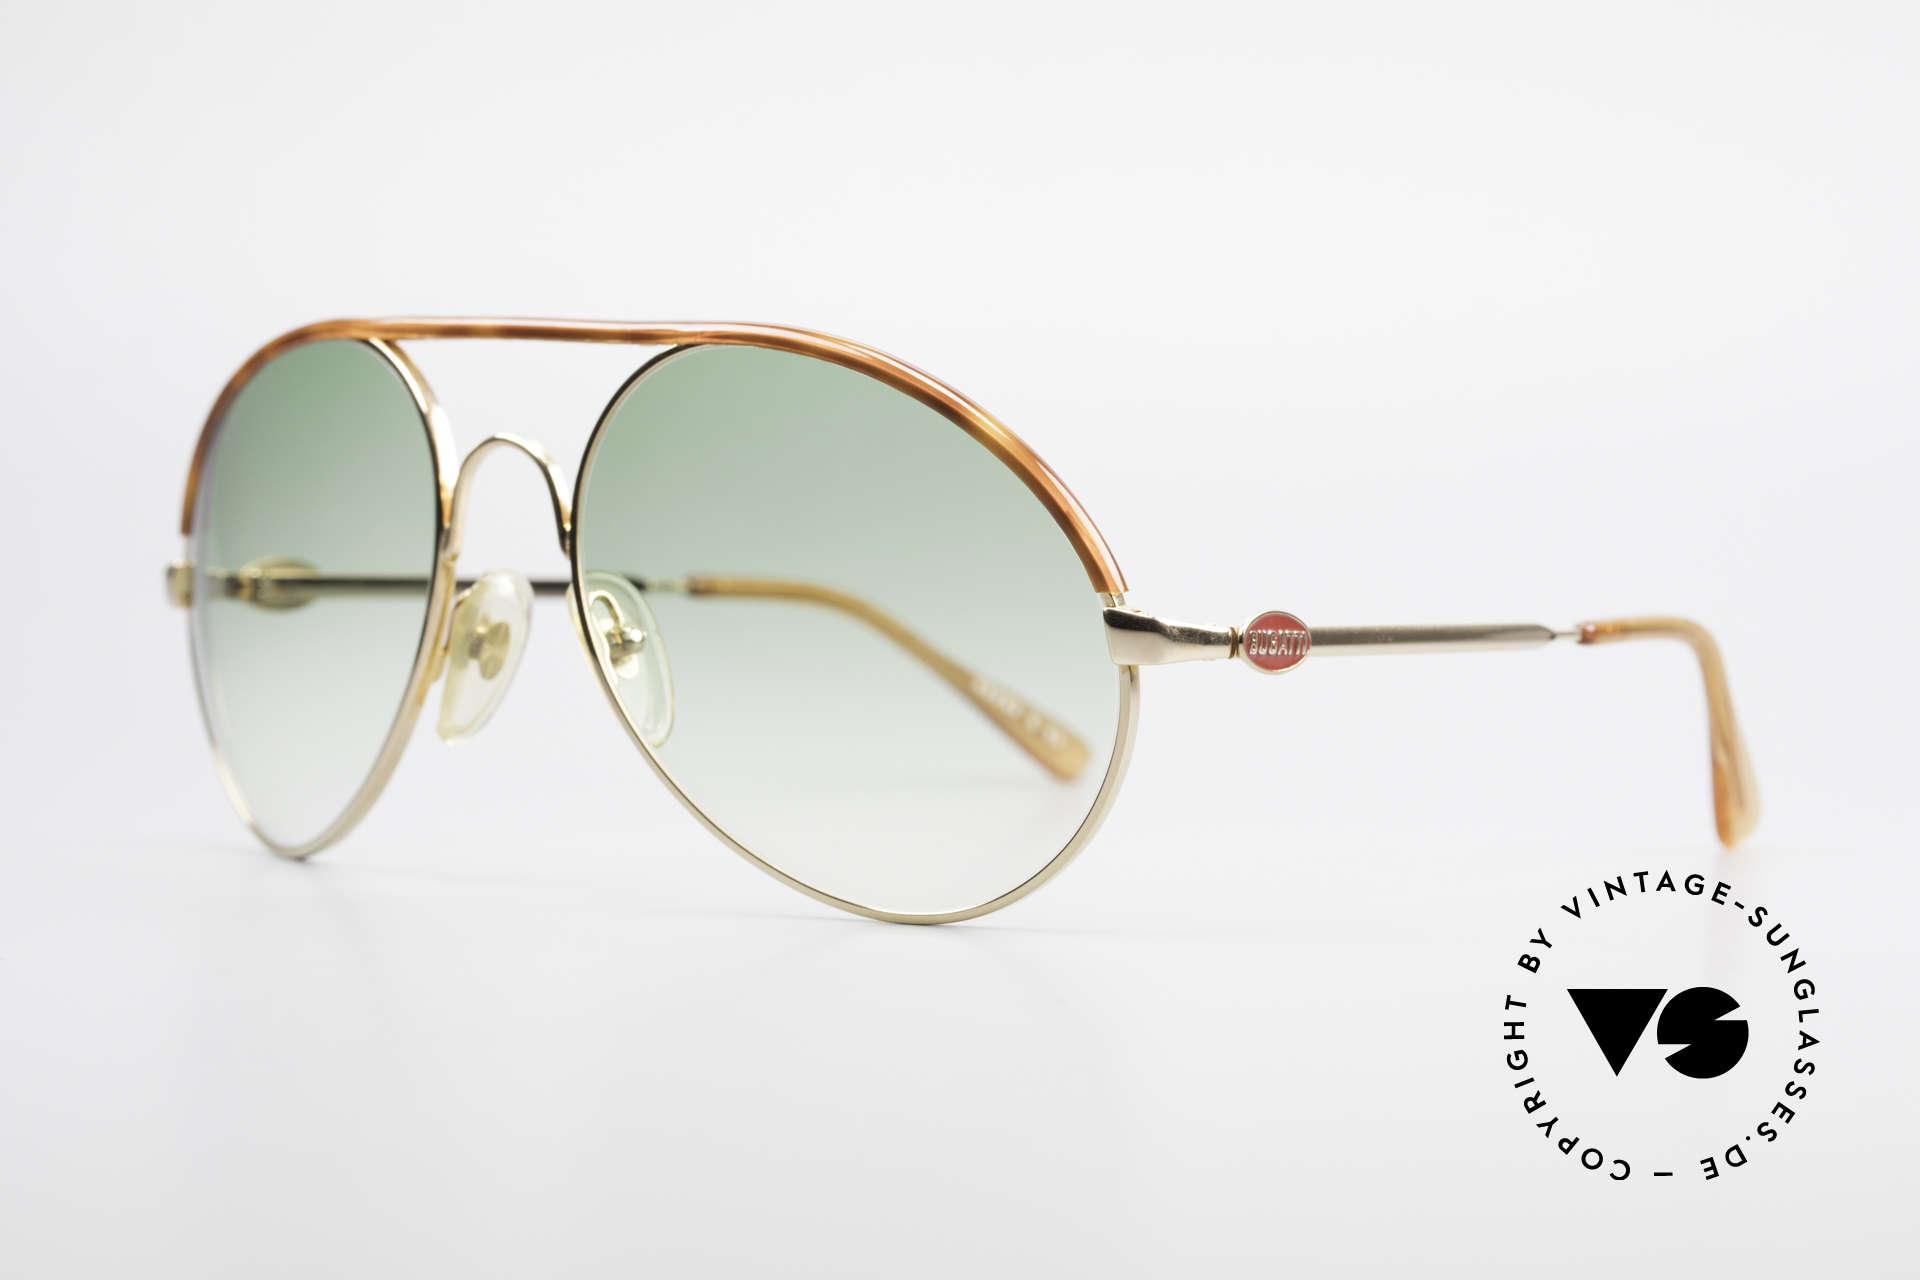 Bugatti 65986 80er Herren XL Sonnenbrille, Mod. 65986 mit Oberrand in Schildpatt-Optik, Passend für Herren